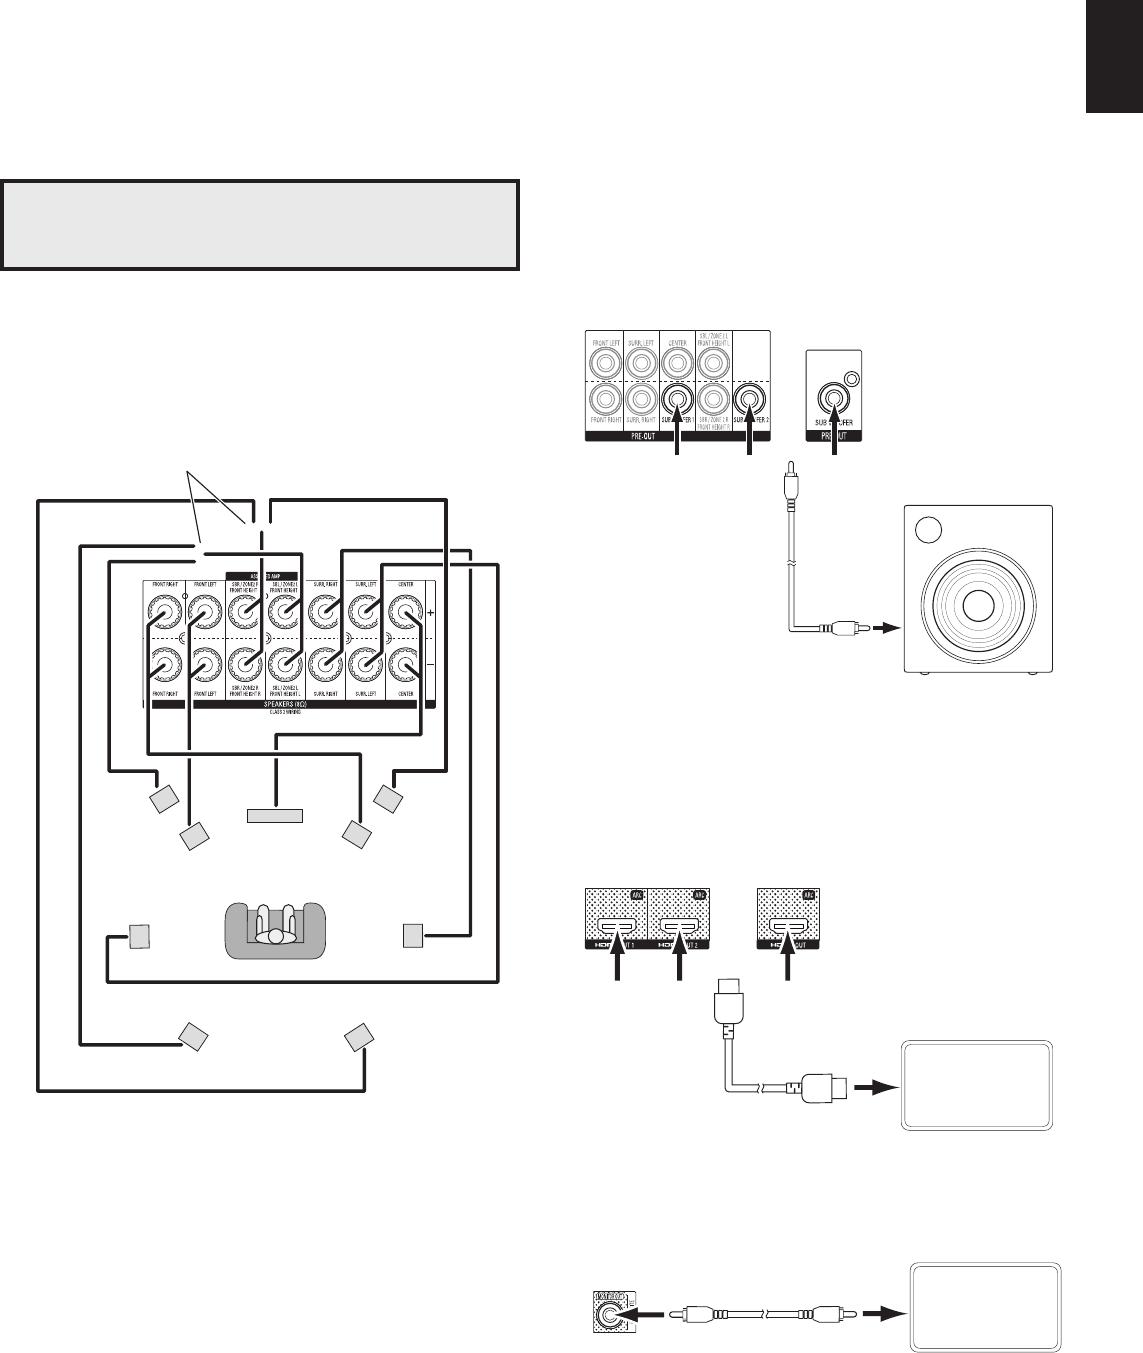 Bedienungsanleitung Harman Kardon AVR 370 (Seite 17 von 63) (Deutsch)